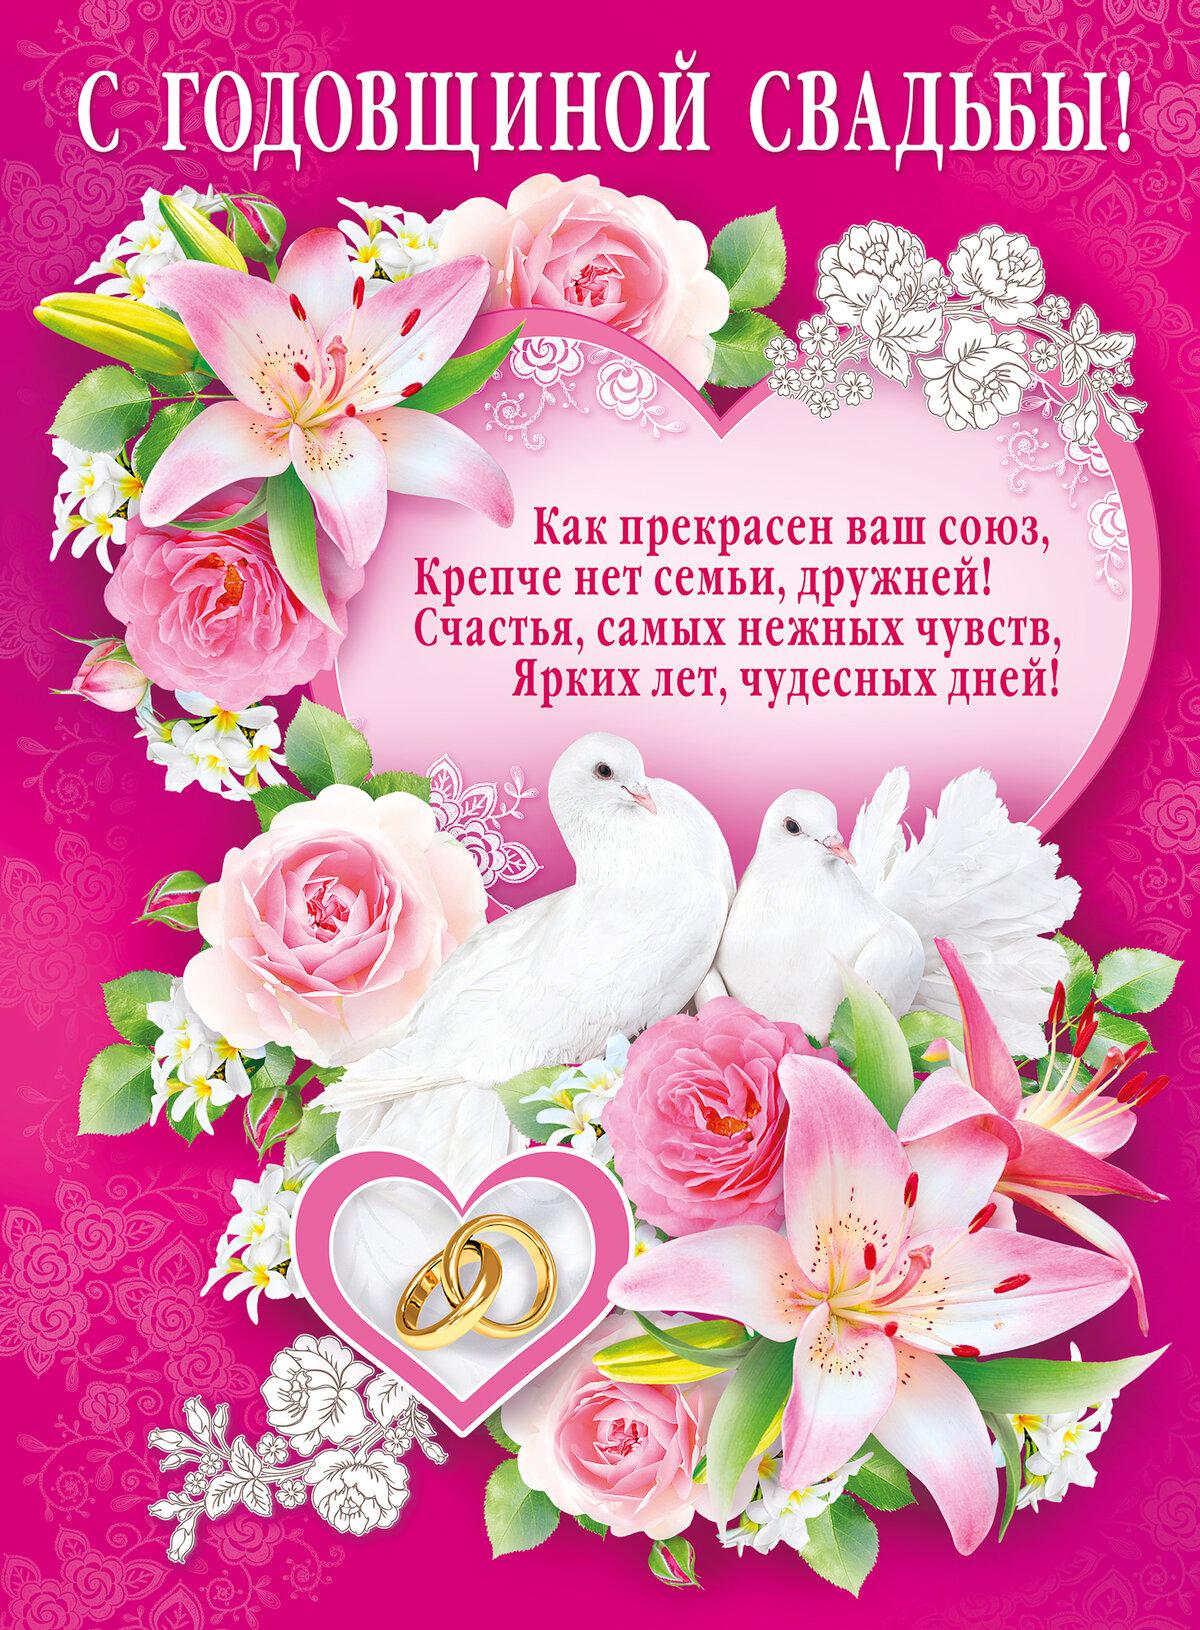 Анимация роза, открытка поздравления с юбилеем свадьбы